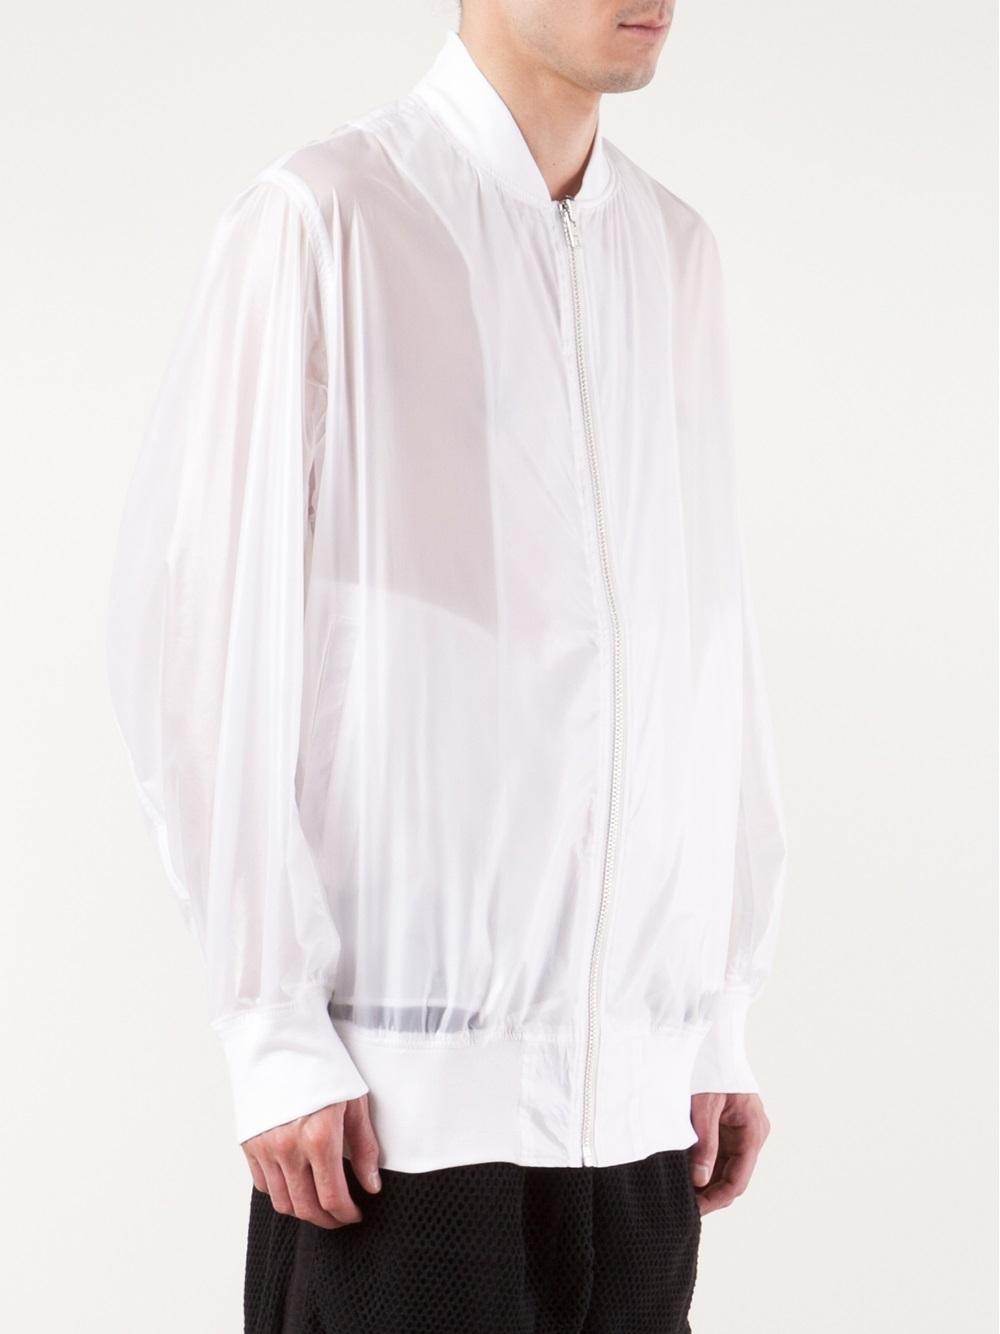 Ktz Transparent Bomber Jacket in White for Men | Lyst